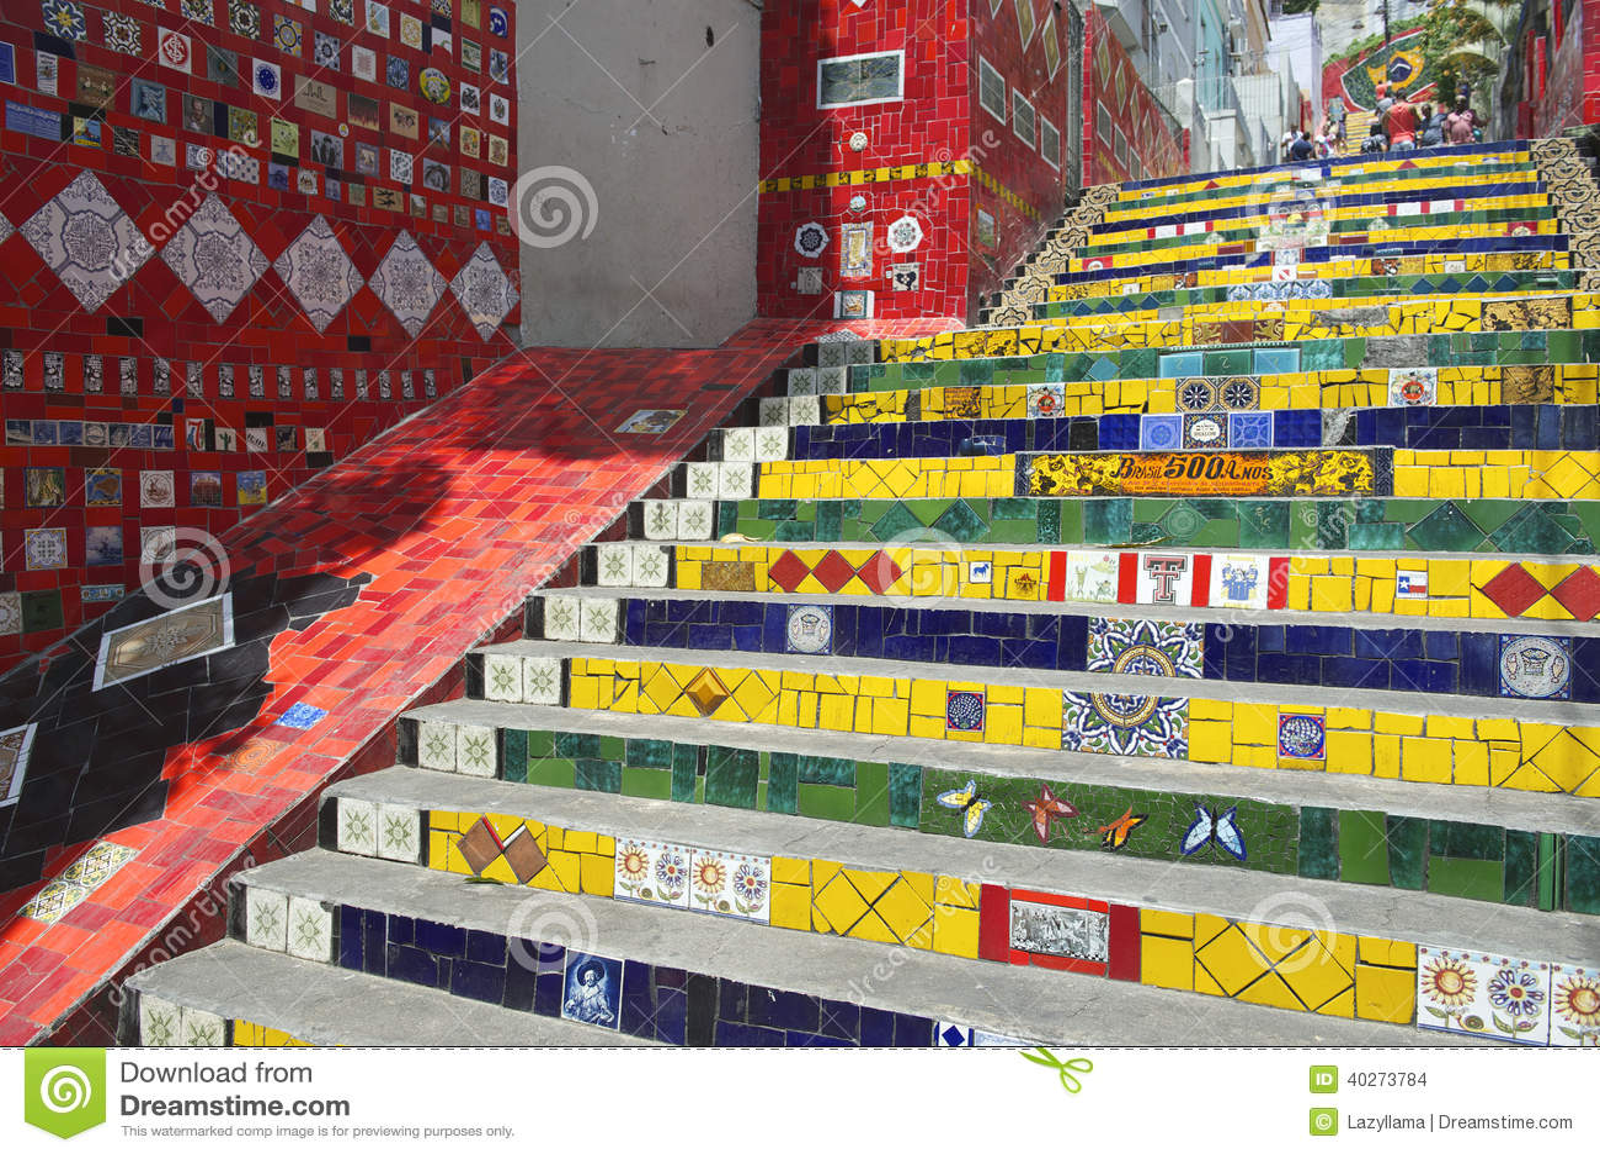 Escadaria Selaron Steps Rio de Janeiro Brazil